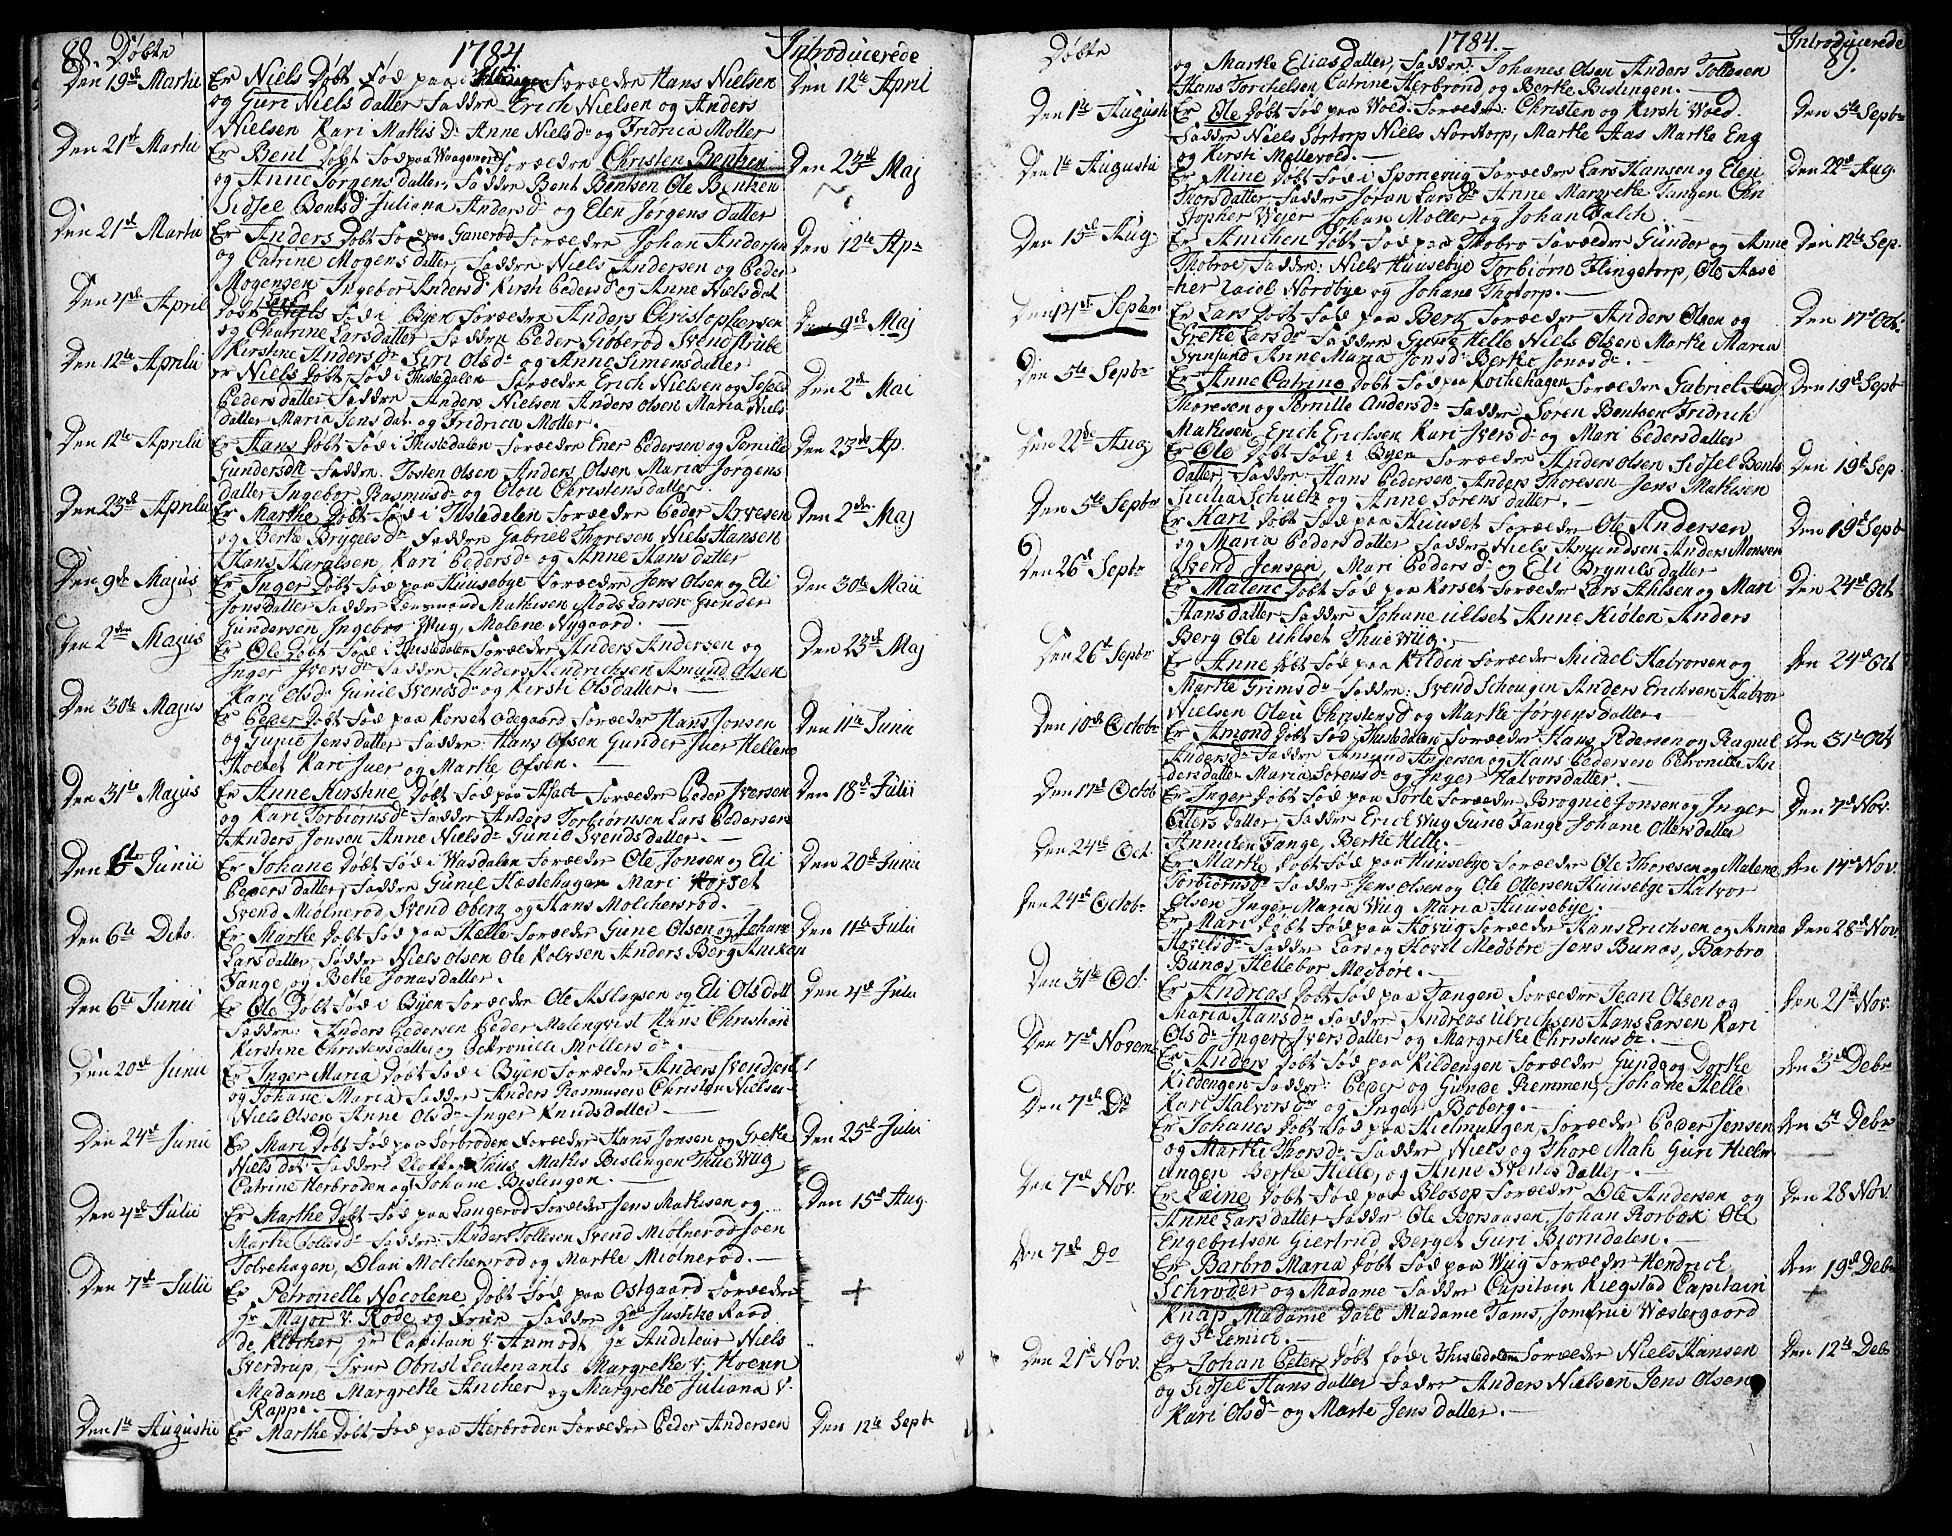 SAO, Berg prestekontor Kirkebøker, F/Fa/L0001: Ministerialbok nr. I 1, 1770-1814, s. 88-89